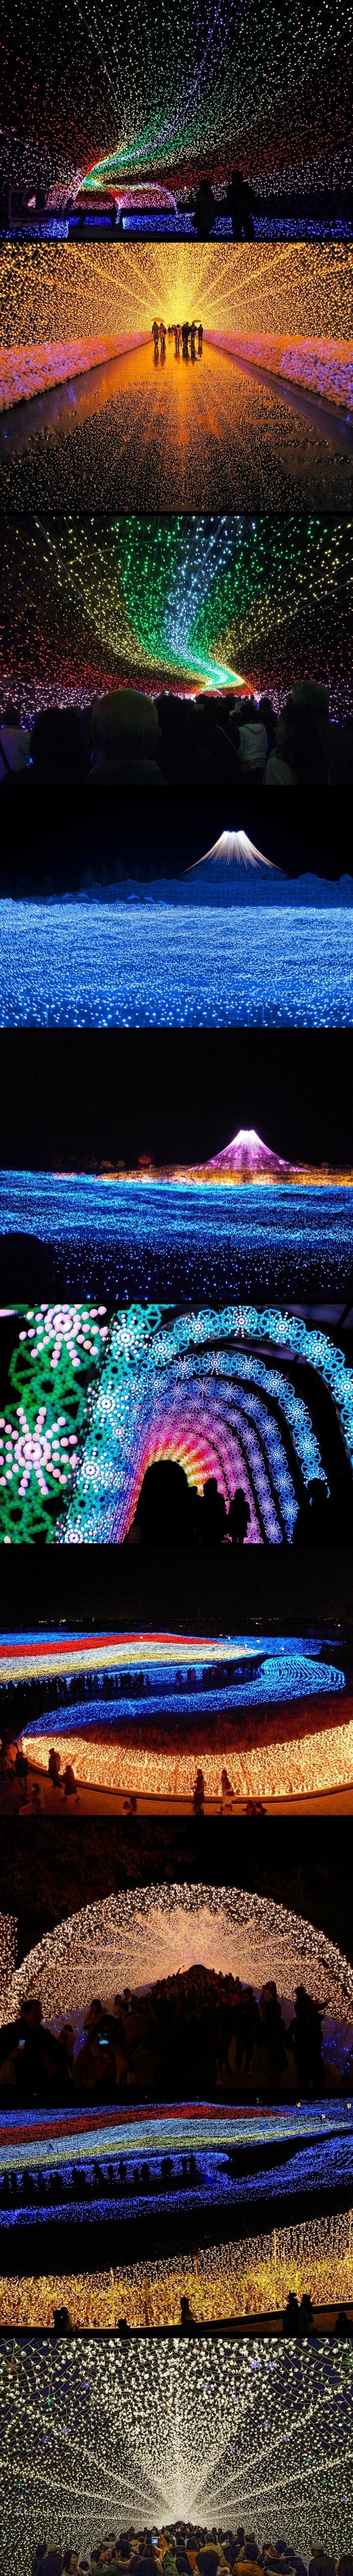 Winter light festival in japan